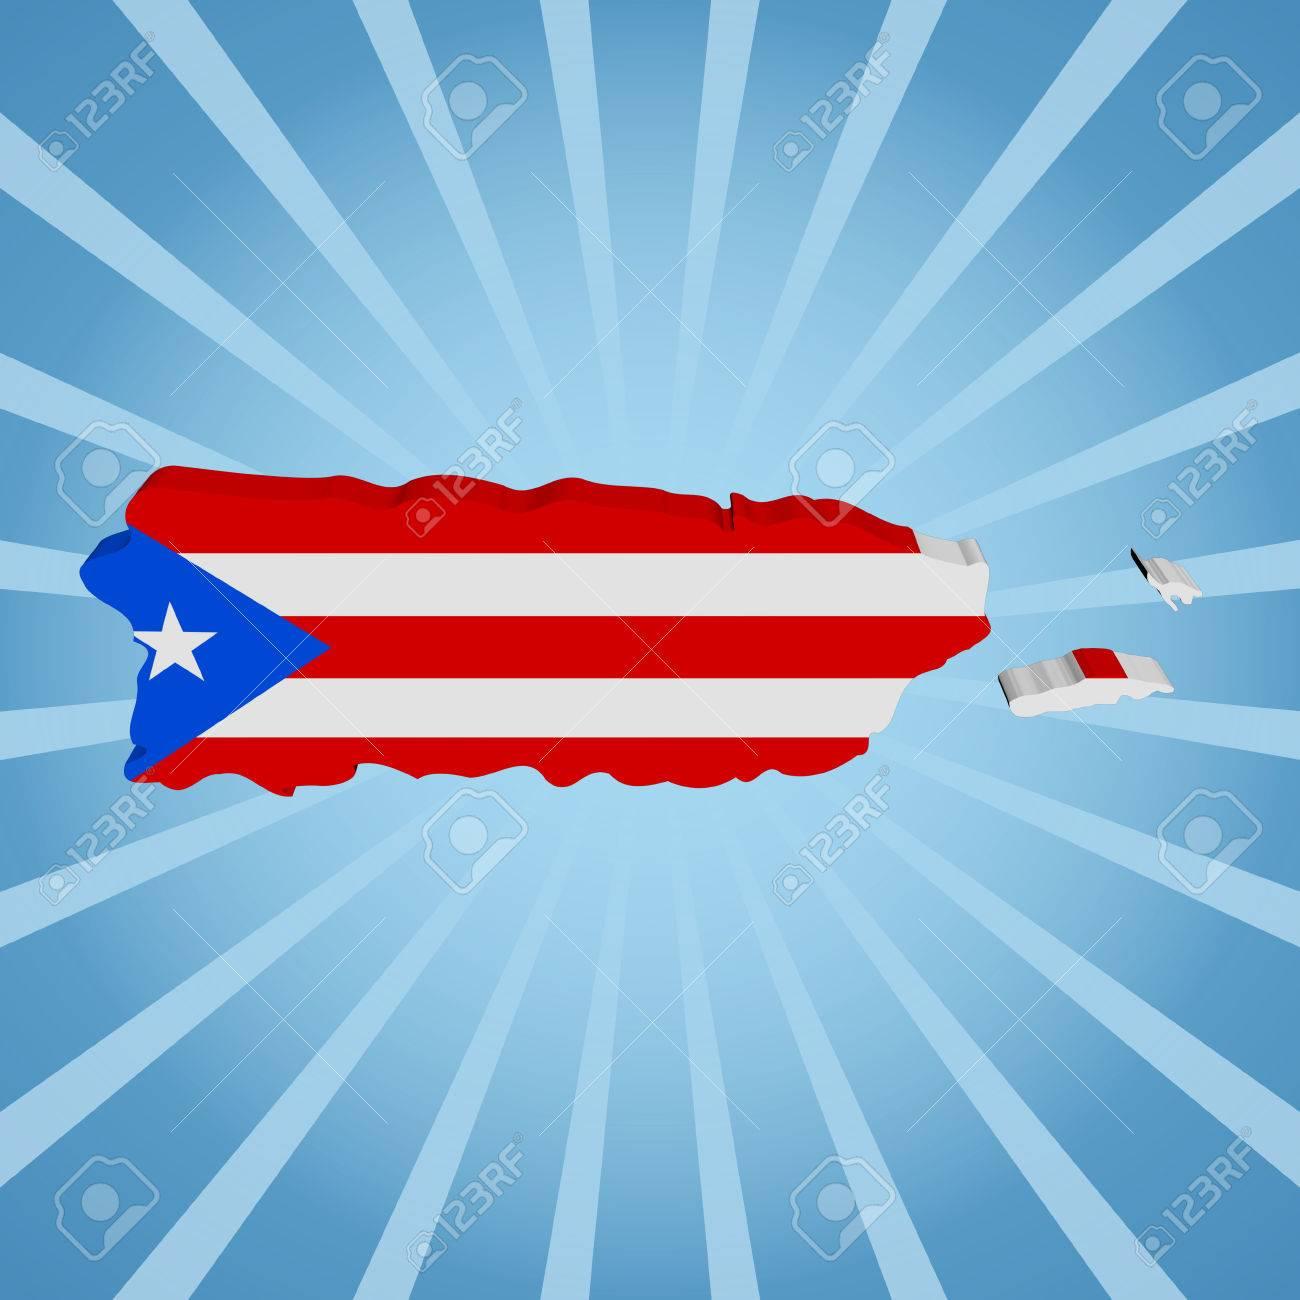 Puerto Rico Bandera De Mapa En La Ilustración Azul Del Resplandor ...